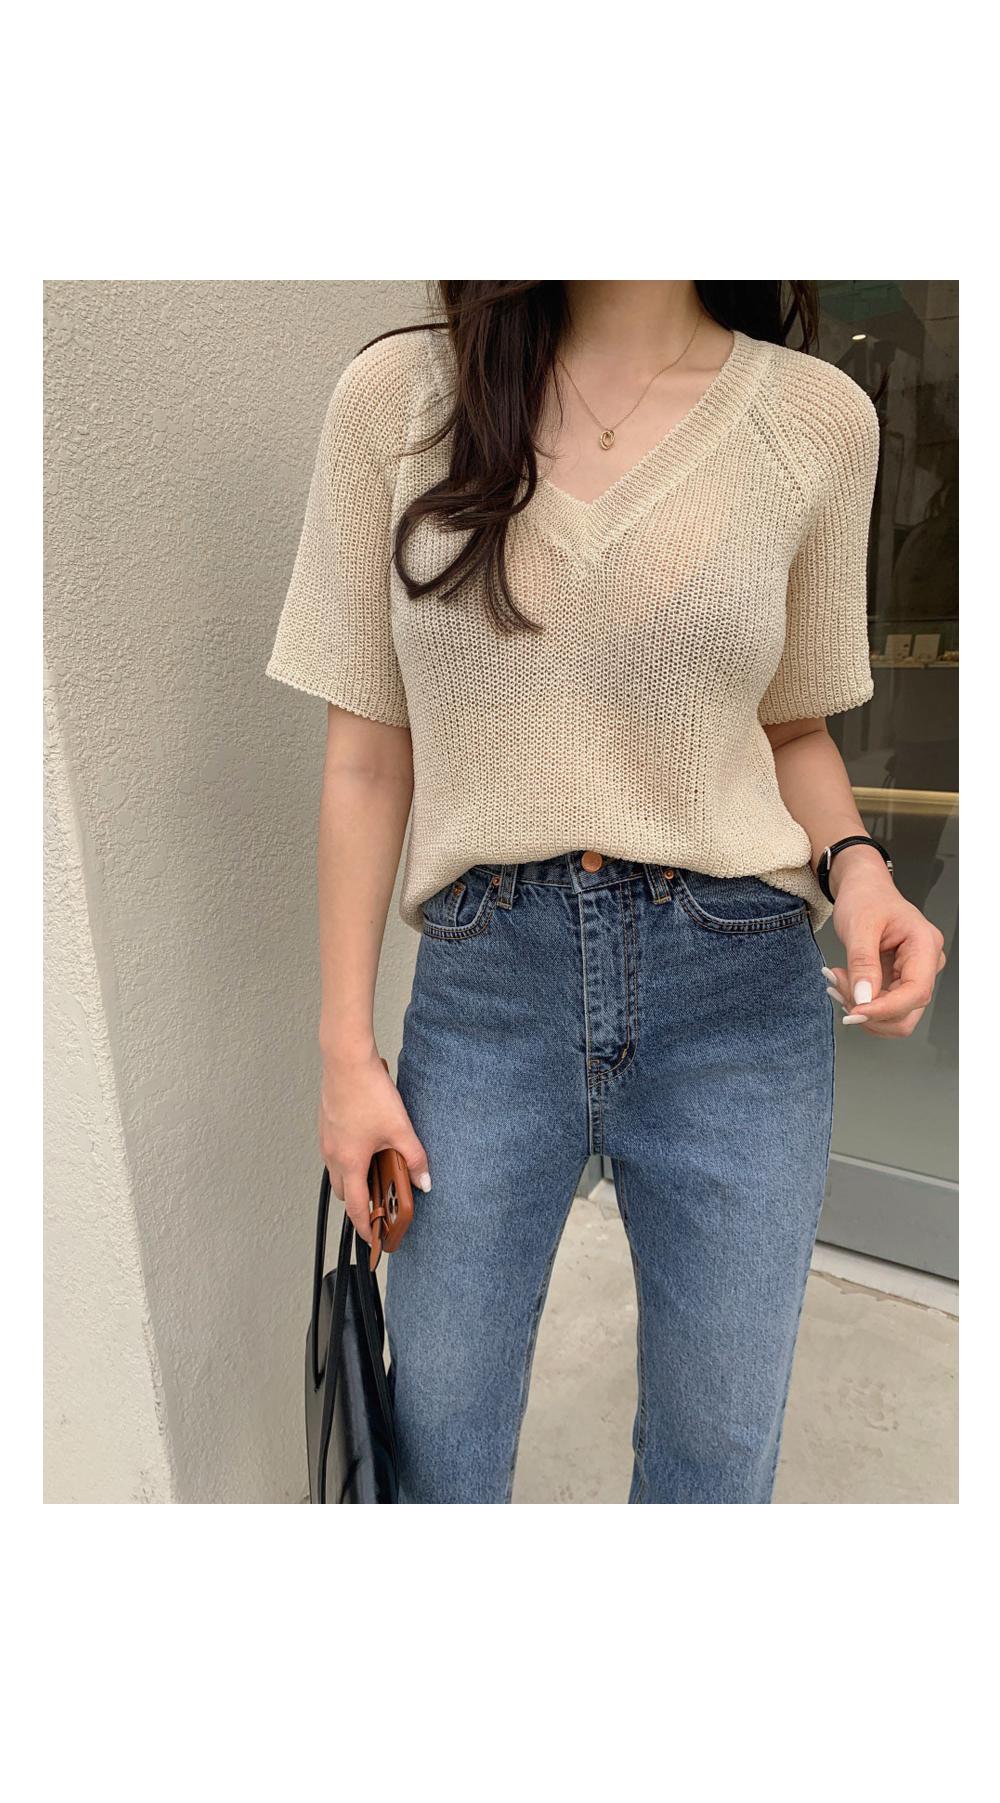 V short sleeve knit